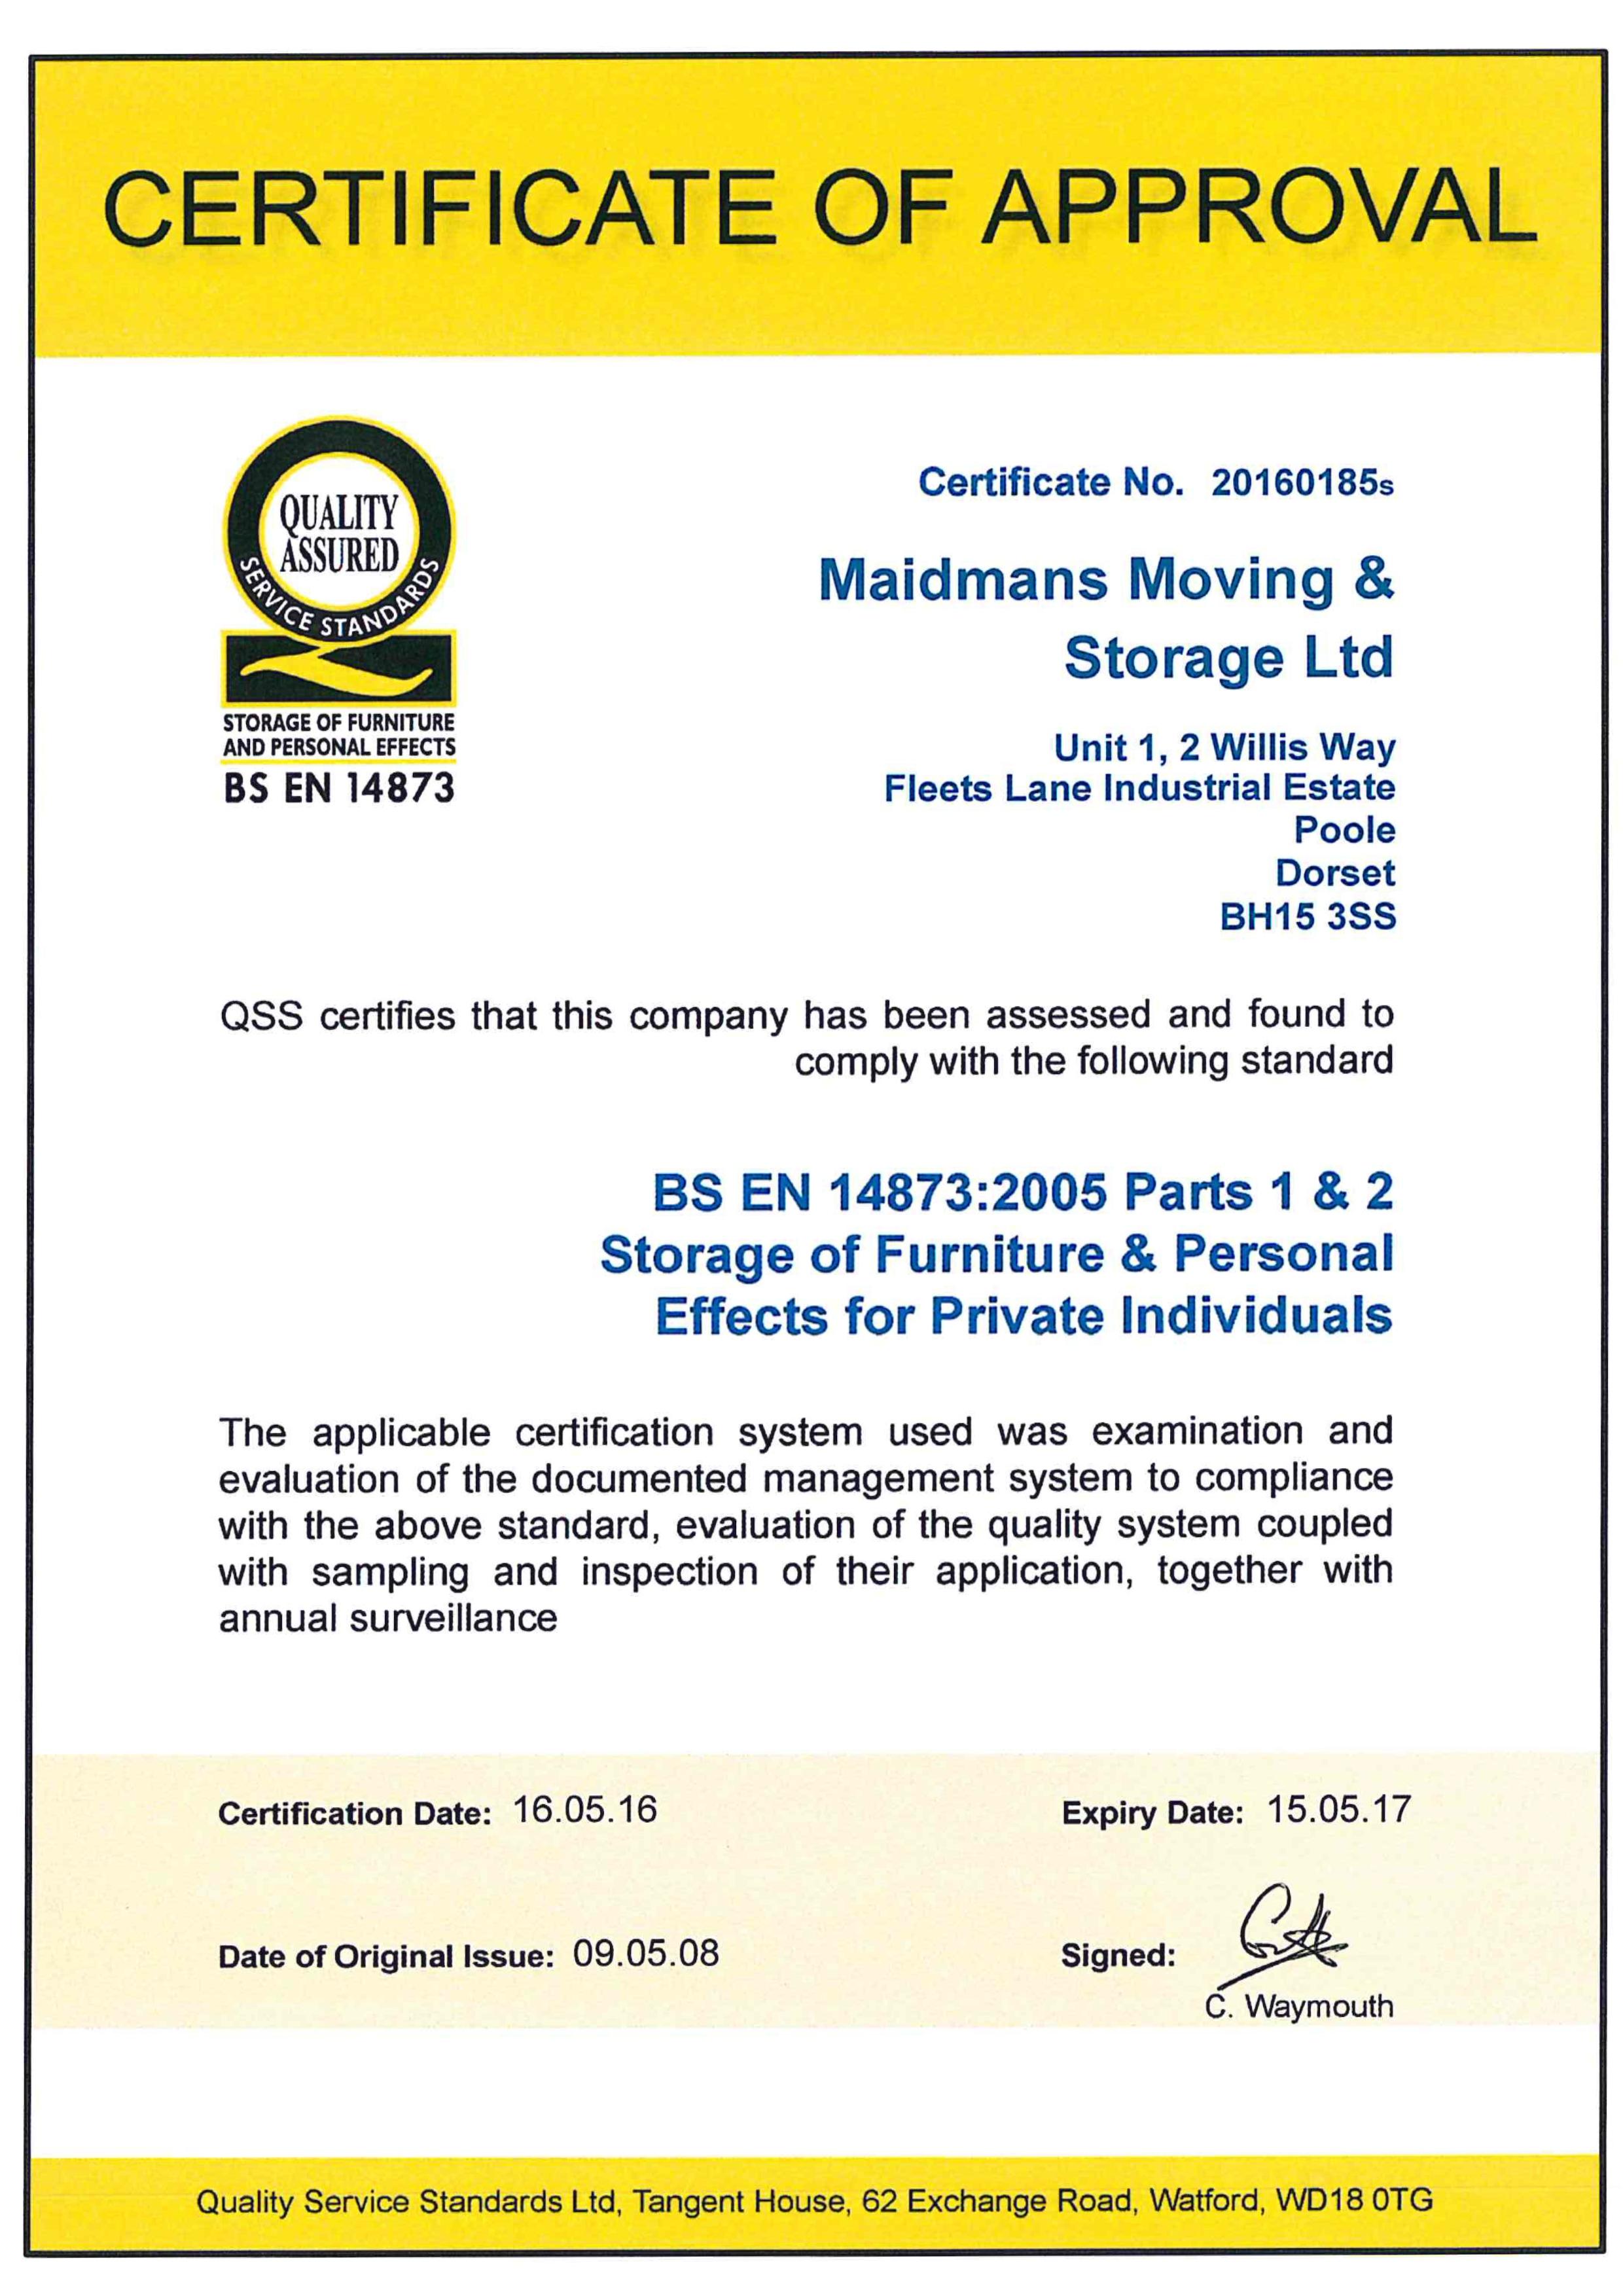 QSS BS EN 14873-2005